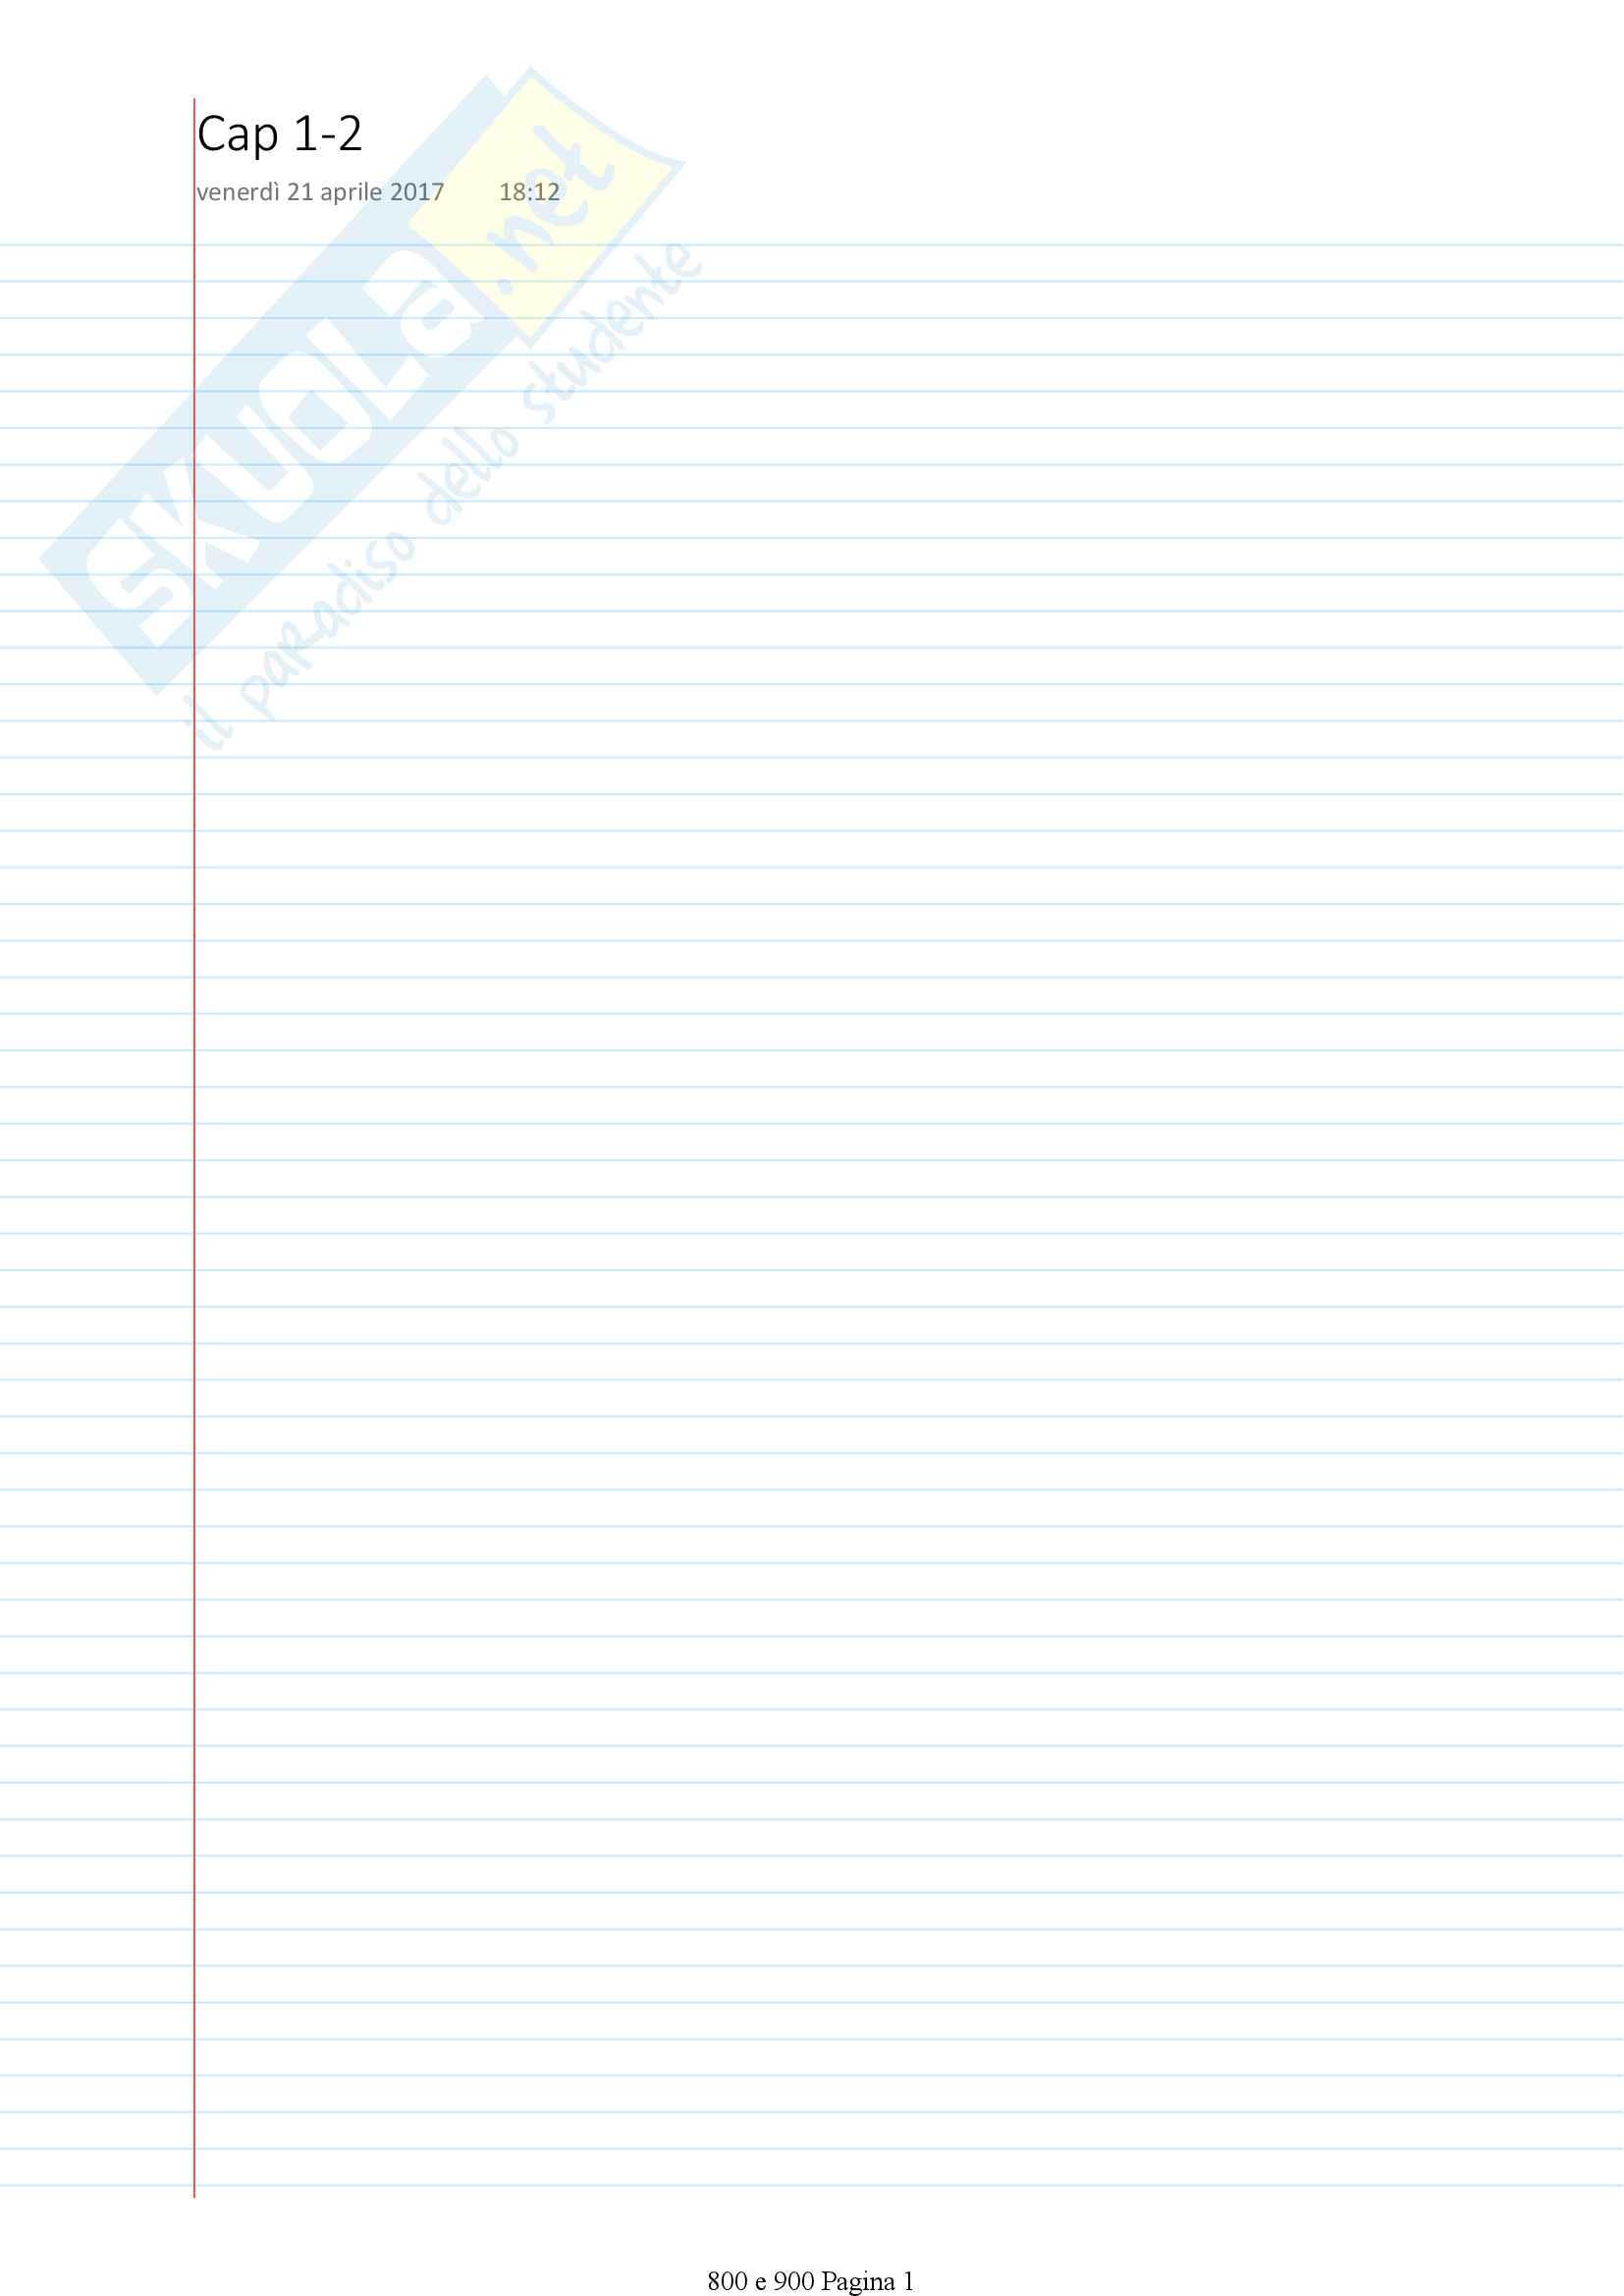 riassunto esame Storia dell'800 e del 900, prof De Fort,  libro consigliato Storia contemporanea. L'Ottocento, Sabbatucci, Vidotto, Roma-Bari, Laterza, 2009